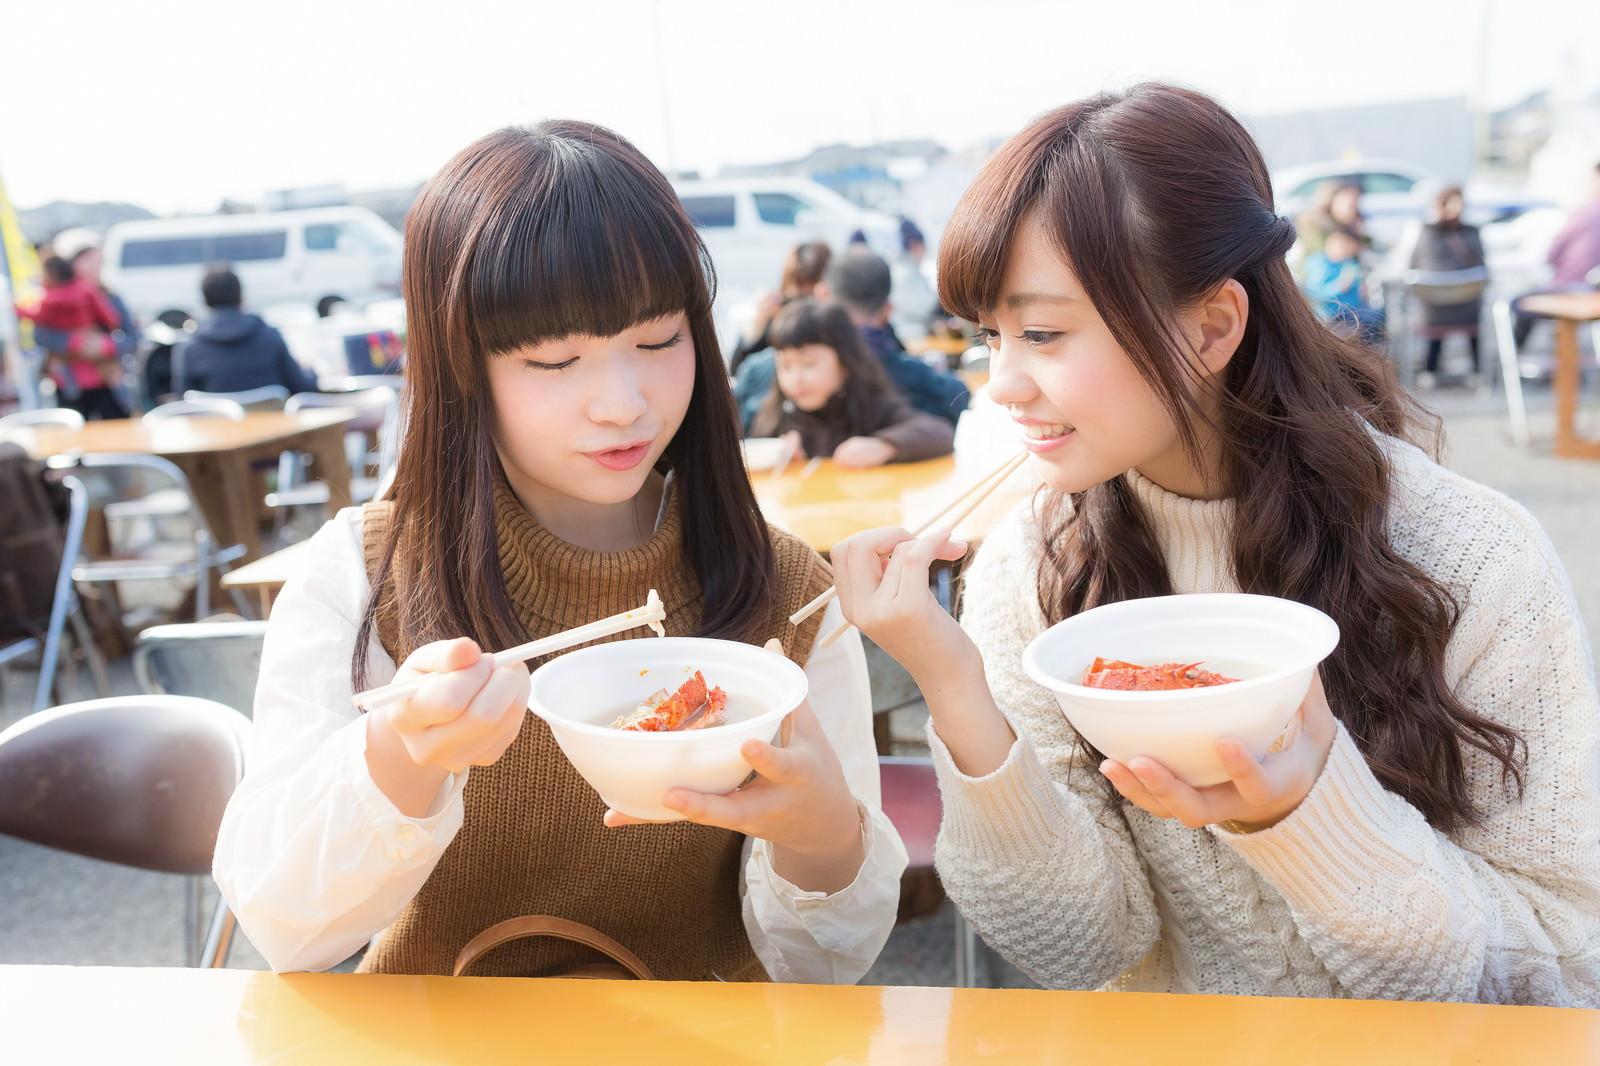 「朝市のフードコートで伊勢海老のお吸い物を食べる女性二人」の写真[モデル:渡辺友美子 河村友歌]